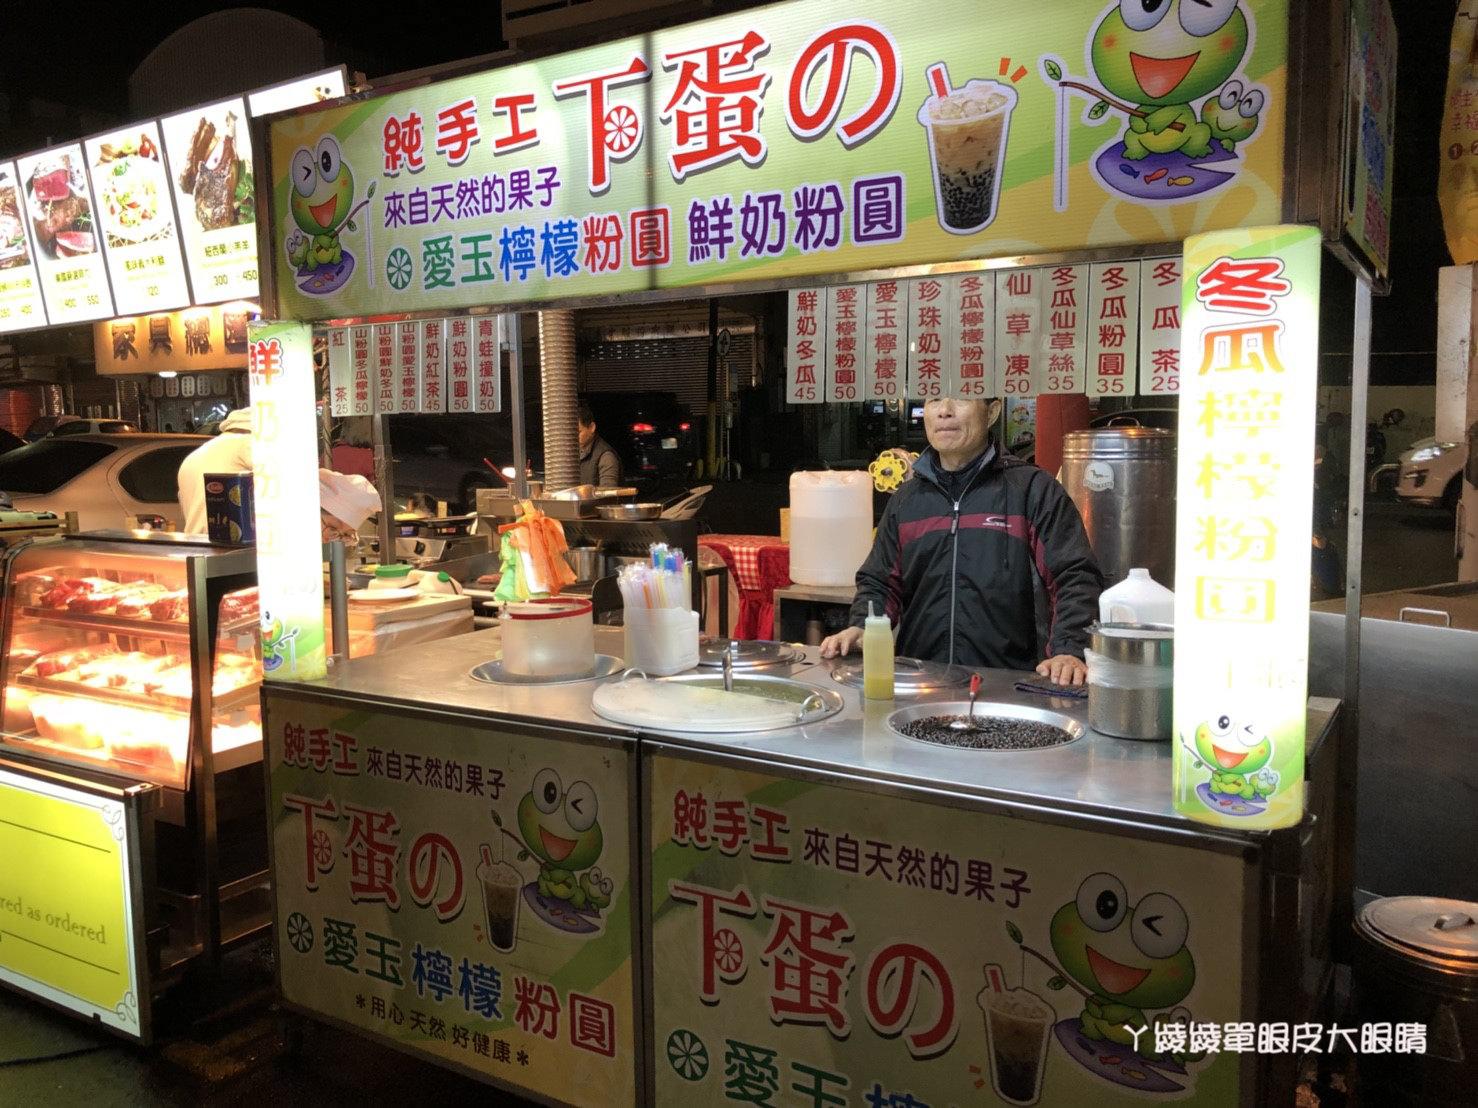 新竹樹林頭觀光夜市,每週三日繼續營業囉!新竹夜市時間表持續更新